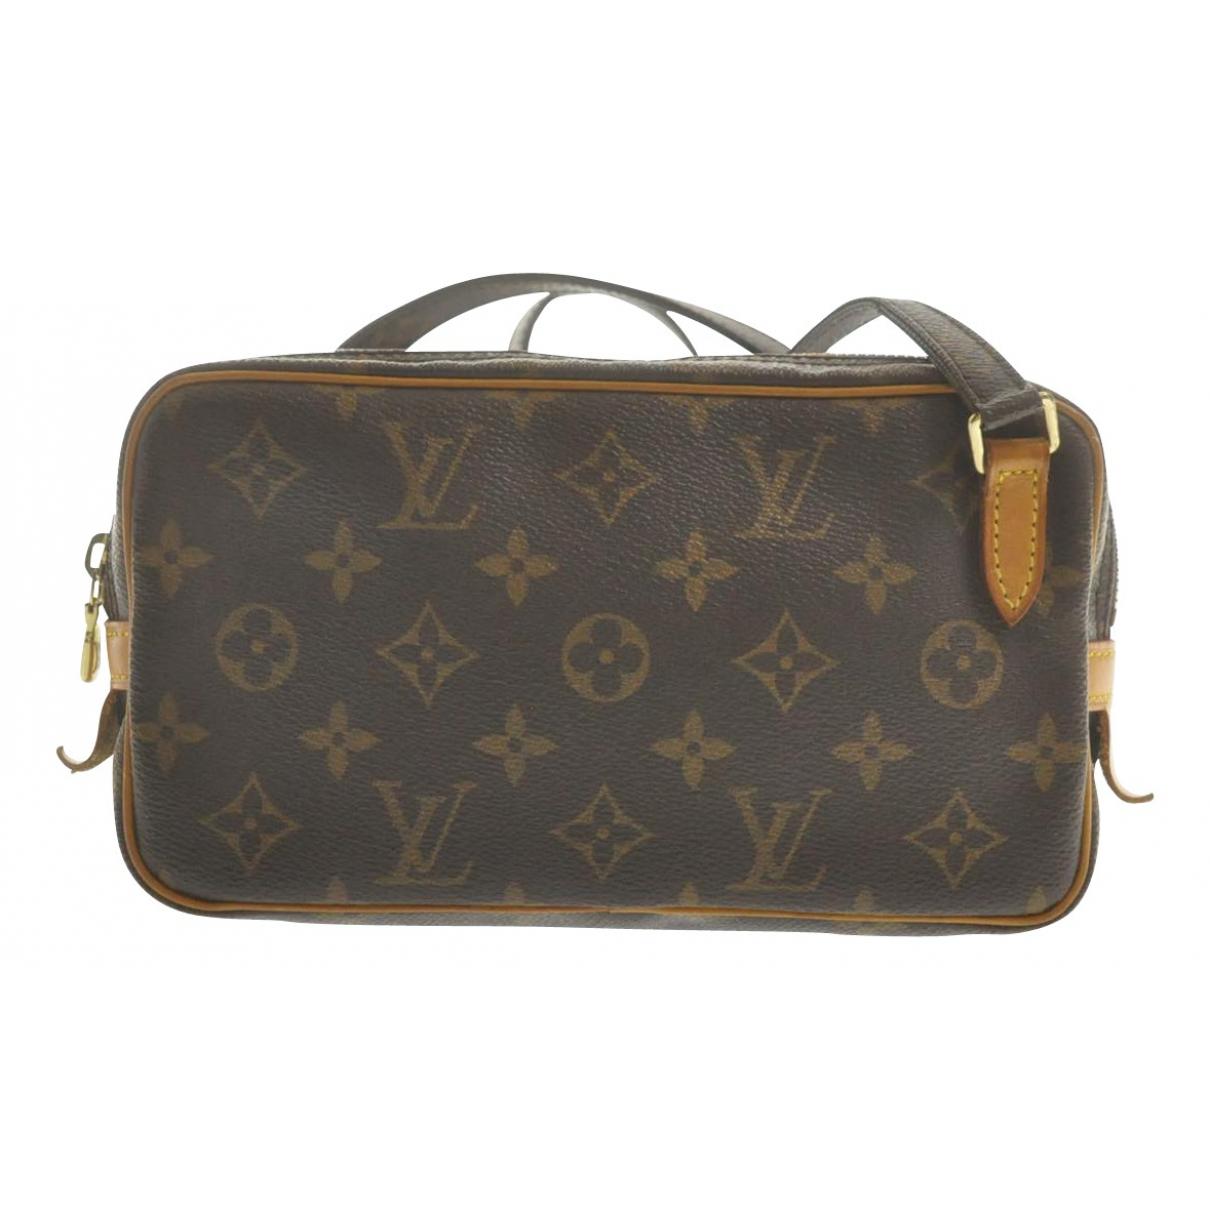 Bandolera Marly vintage de Lona Louis Vuitton